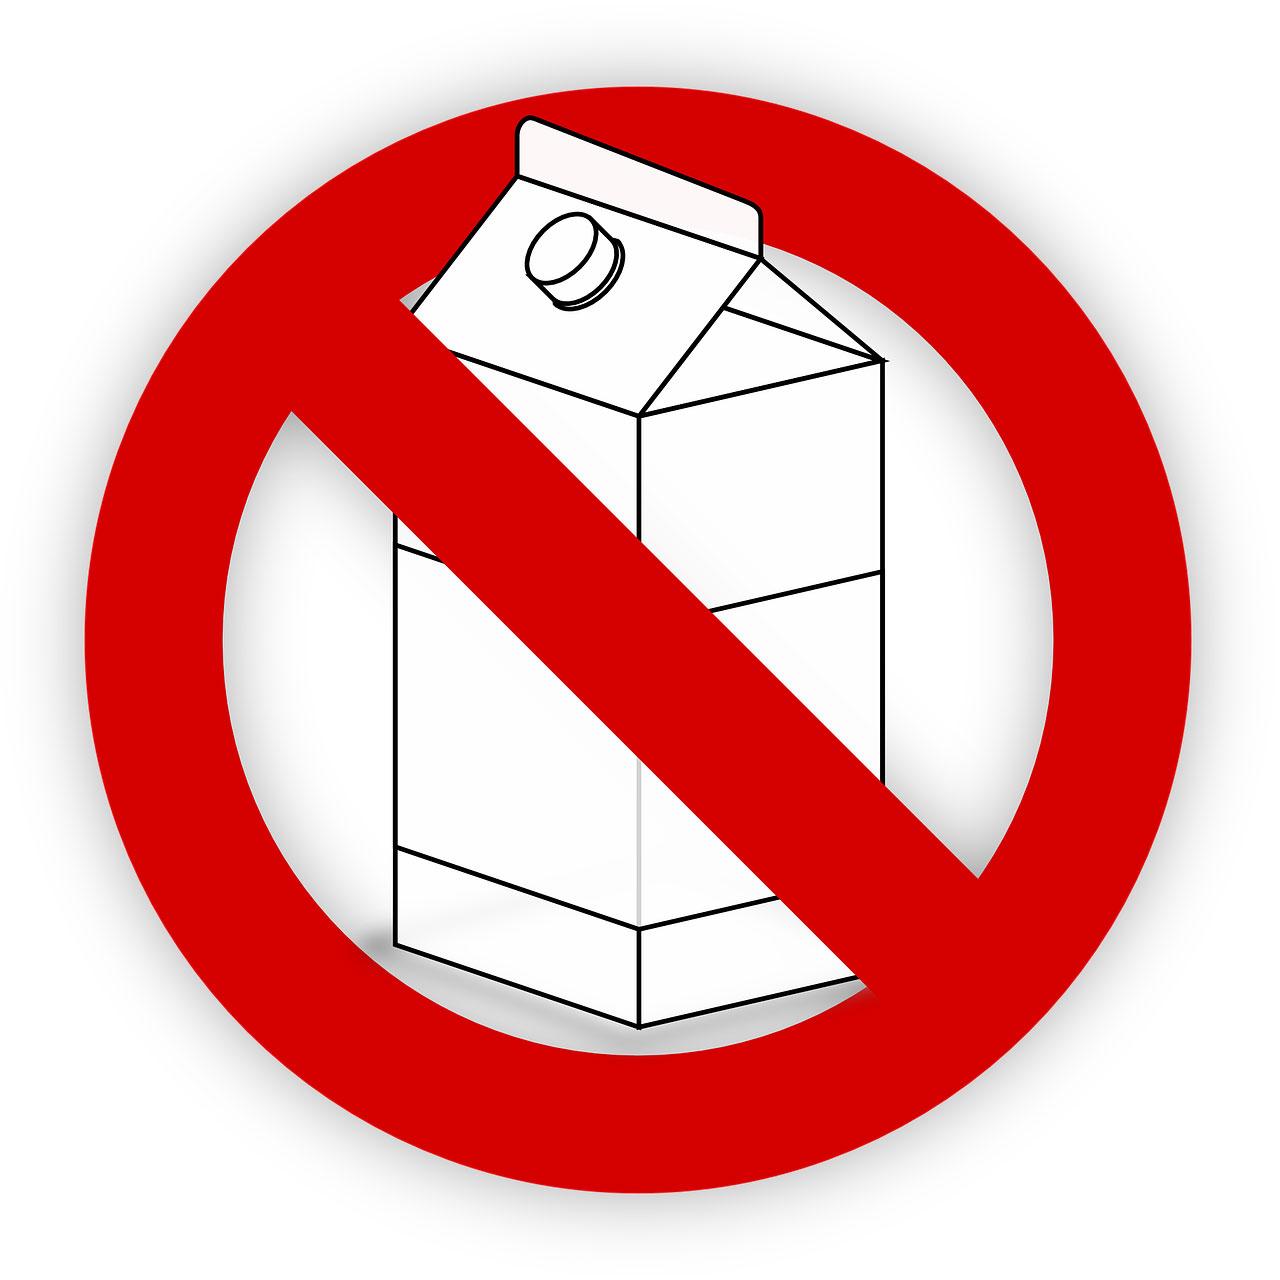 Nueva información sobre la intolerancia a la lactosa